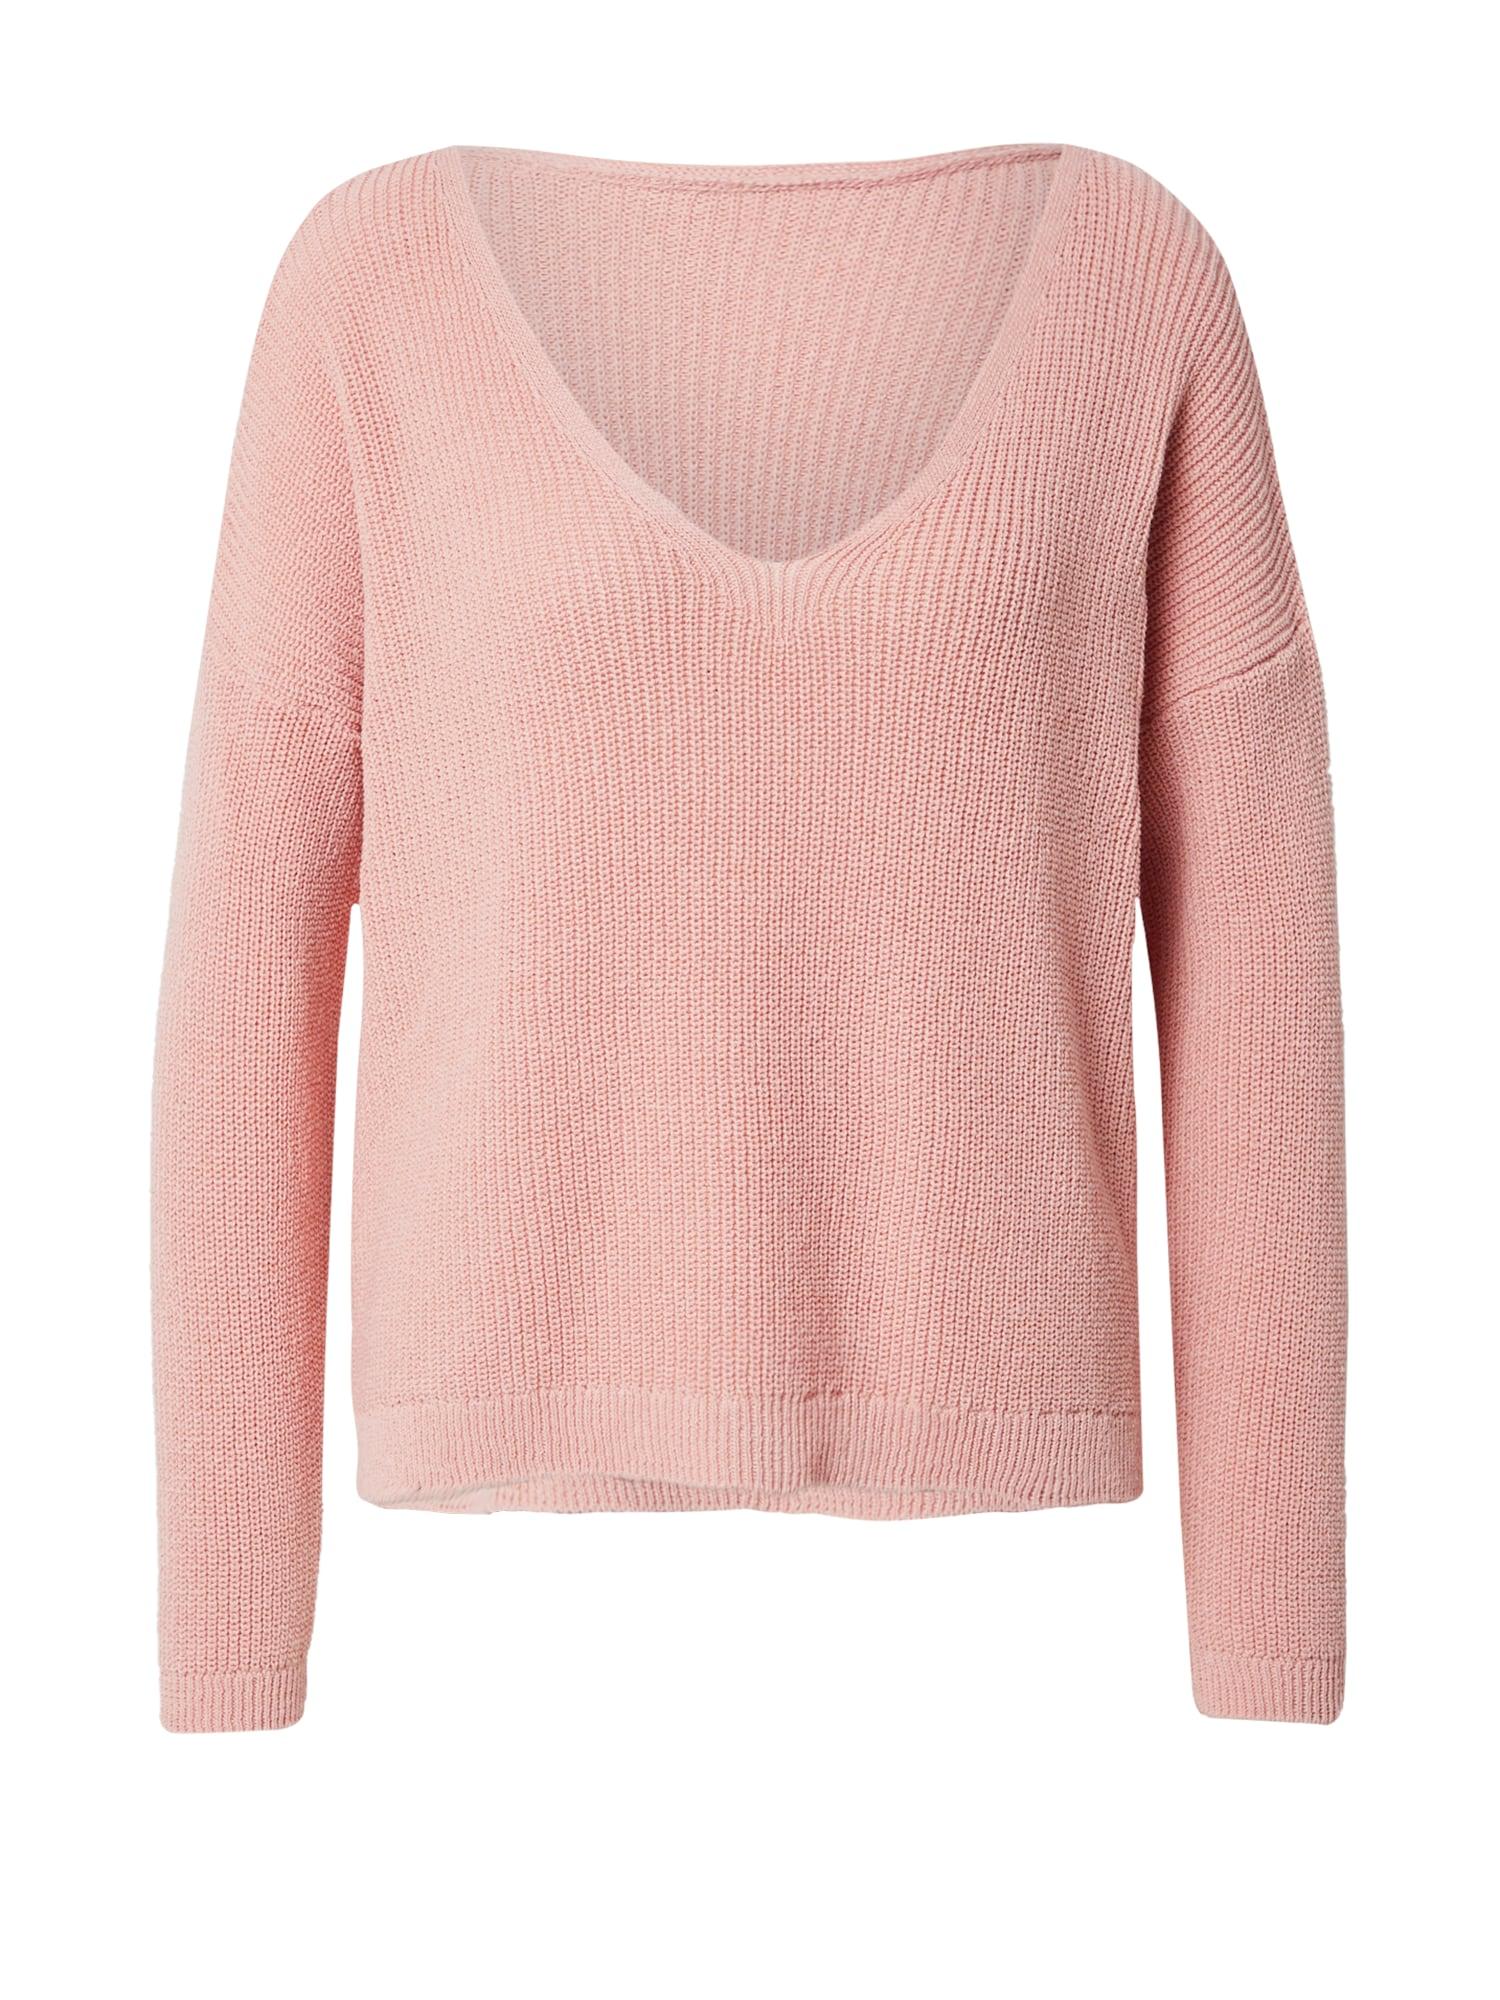 ONLY Megztinis 'Brynn Life' ryškiai rožinė spalva